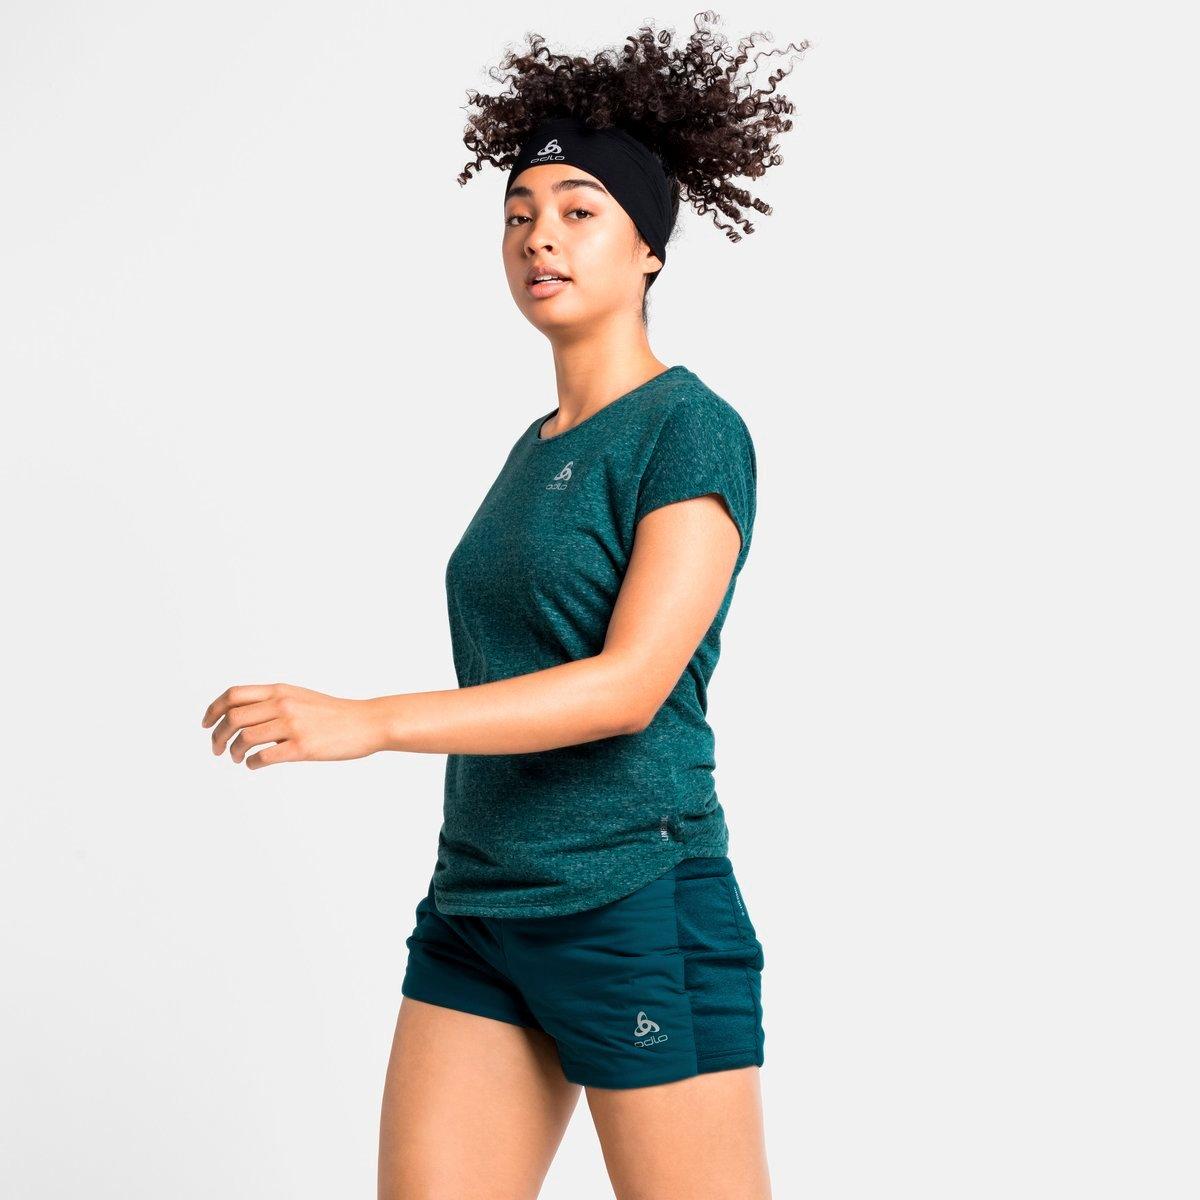 Odlo - Millennium Linencool - T-shirt - Women's